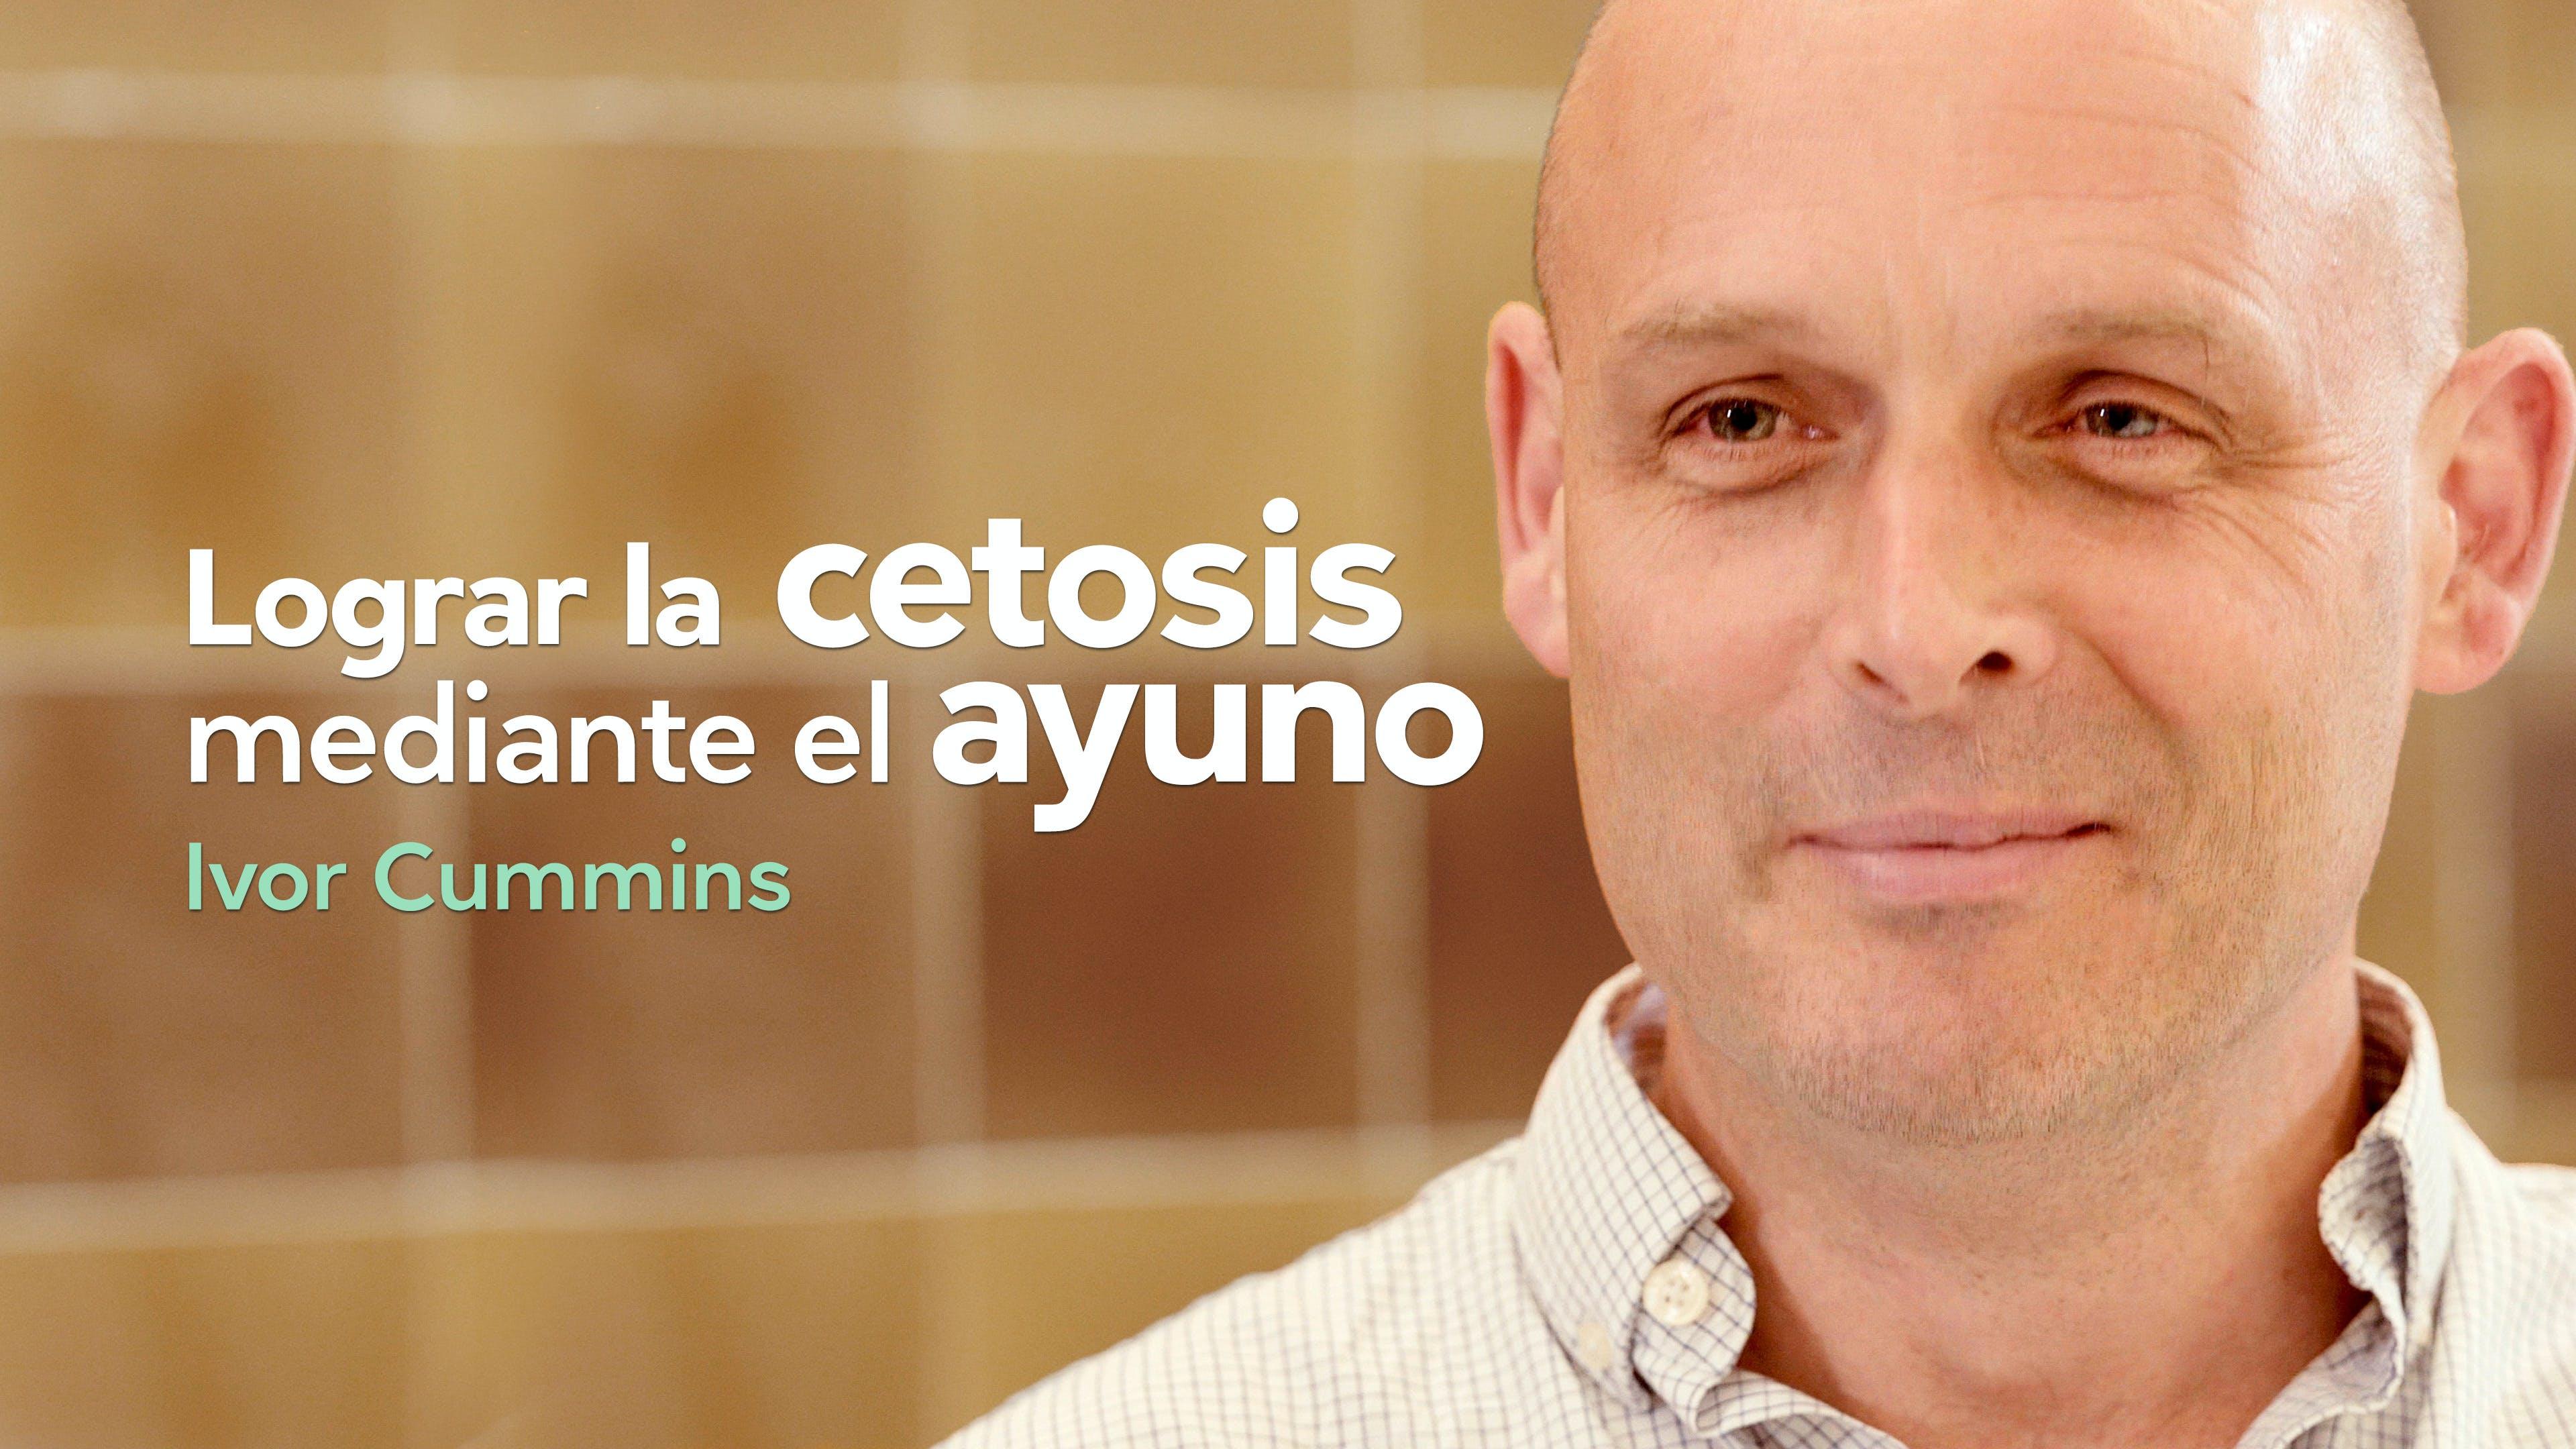 Lograr la cetosis mediante el ayuno, entrevista con Ivor Cummins